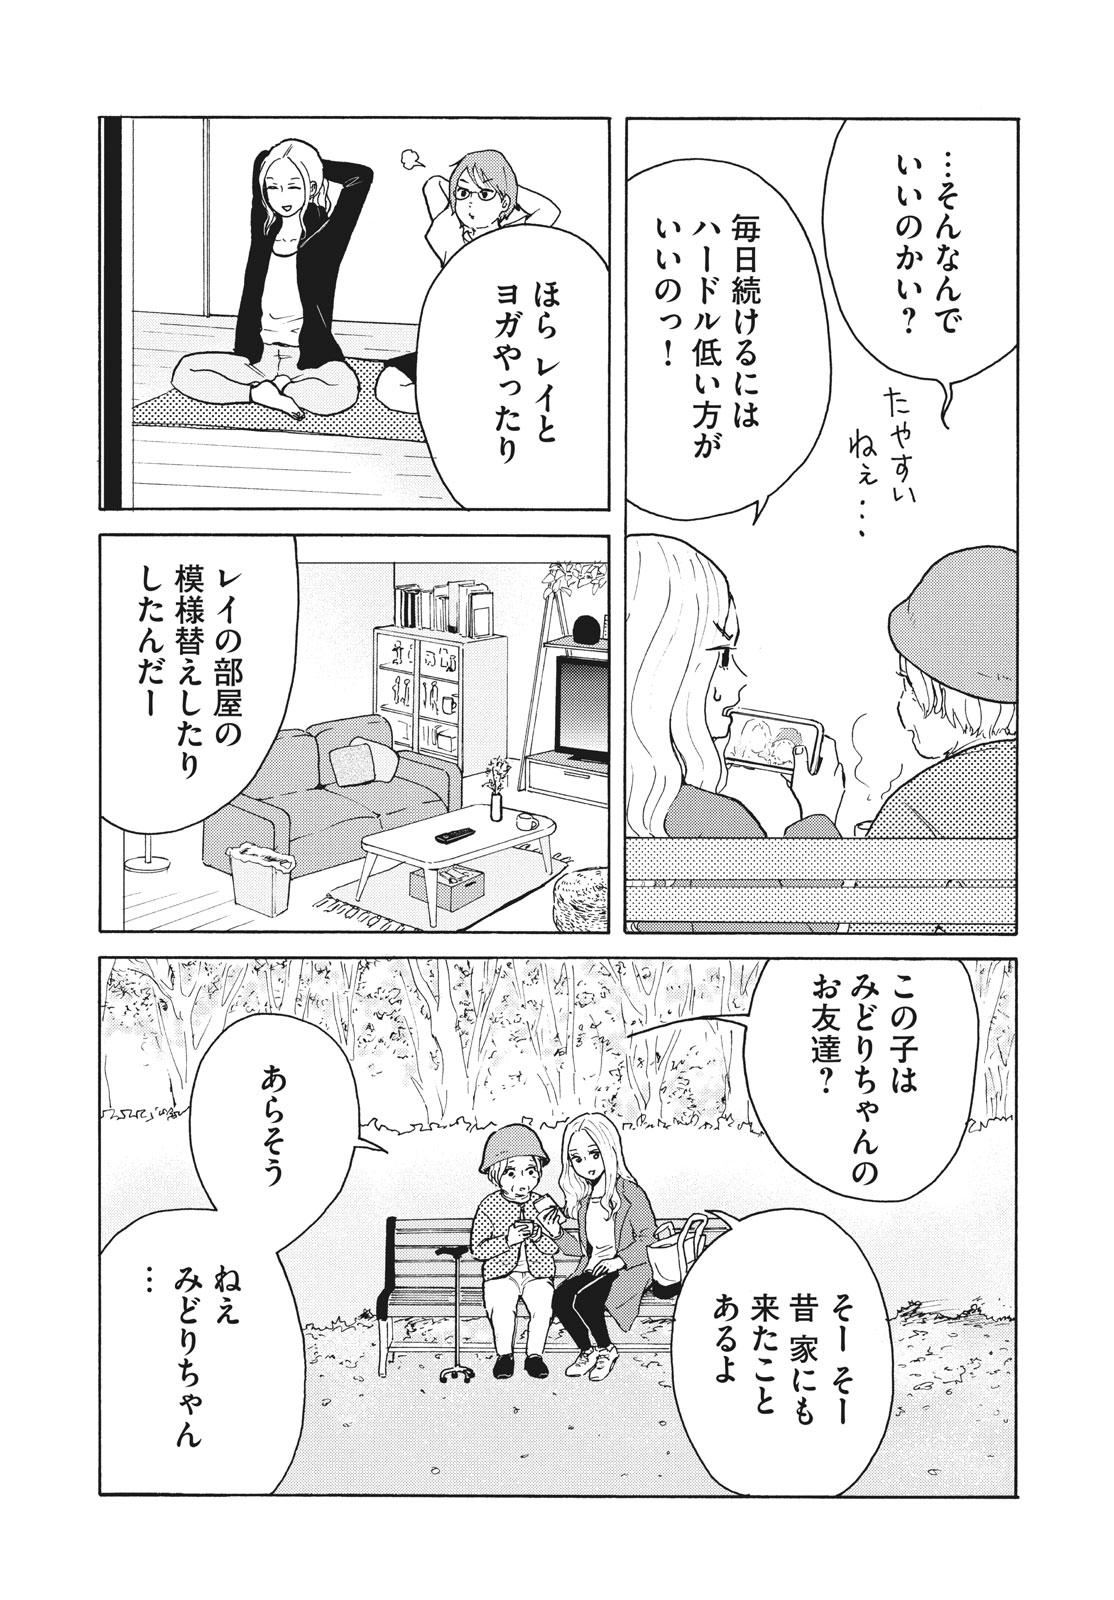 003_30日_2020_010_E.jpg